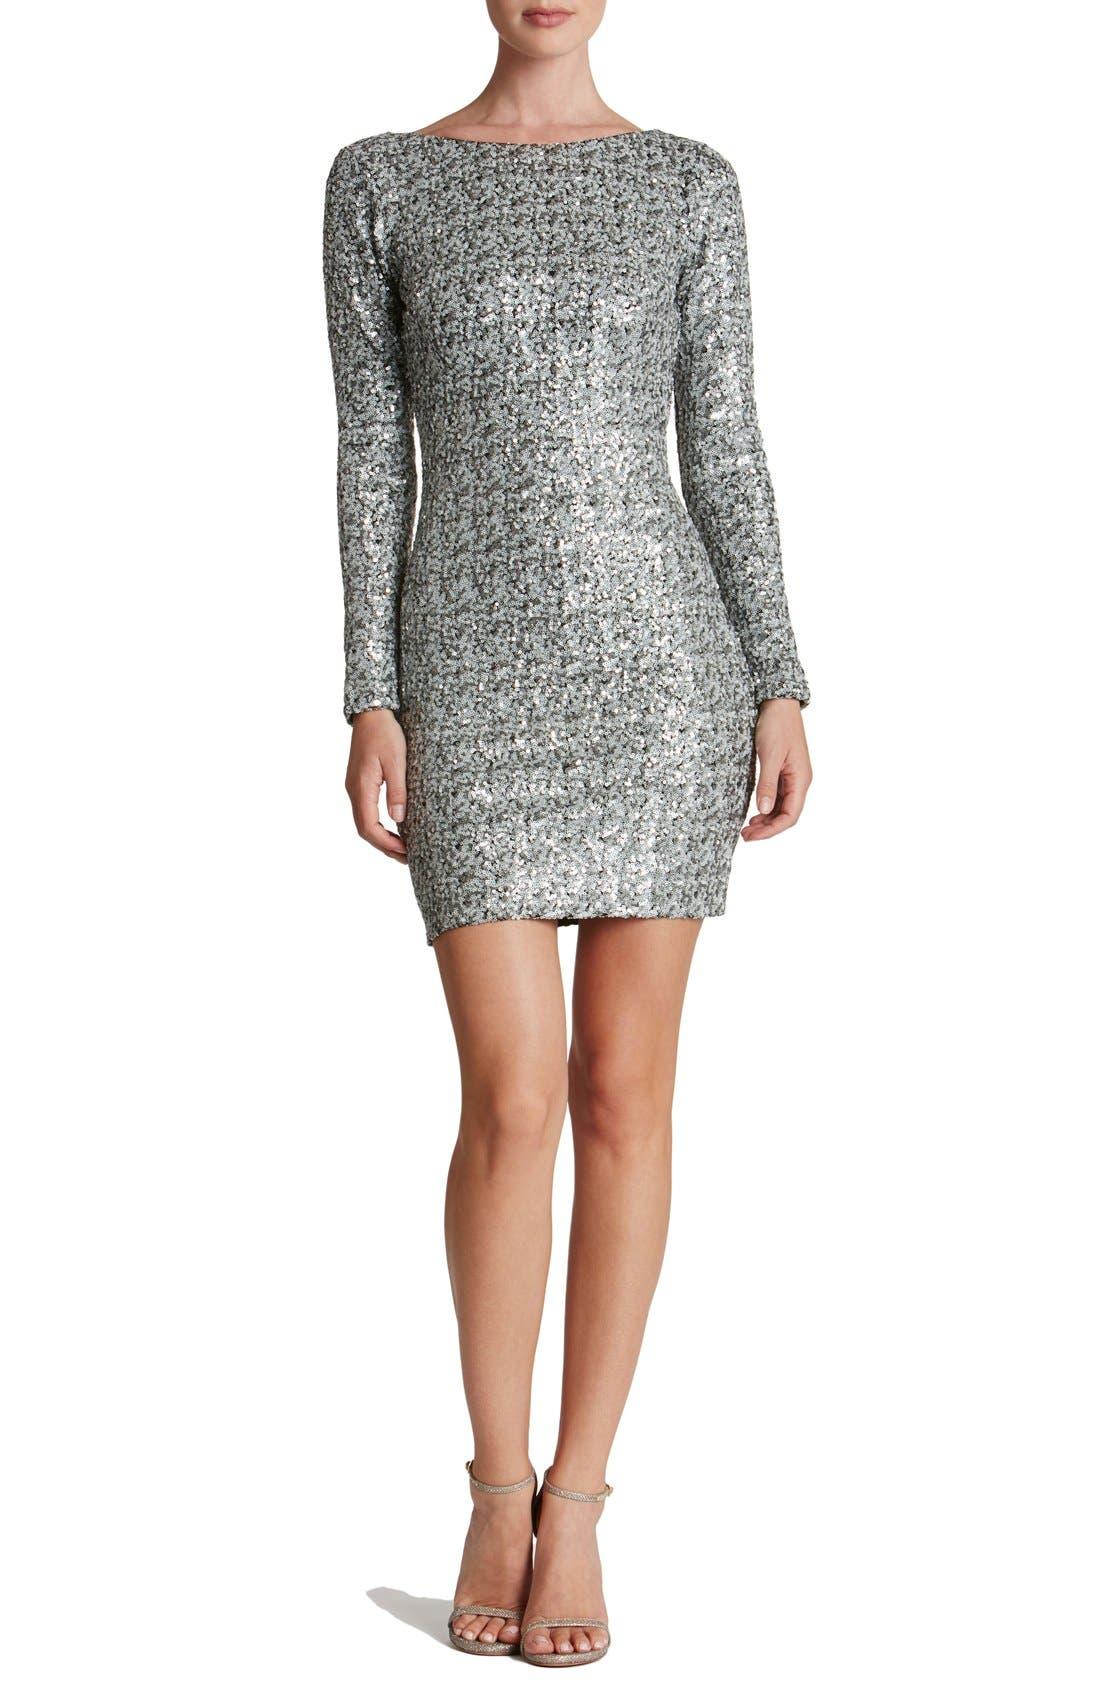 Lola Body-Con Dress,                         Main,                         color, White/ Silver/ Black